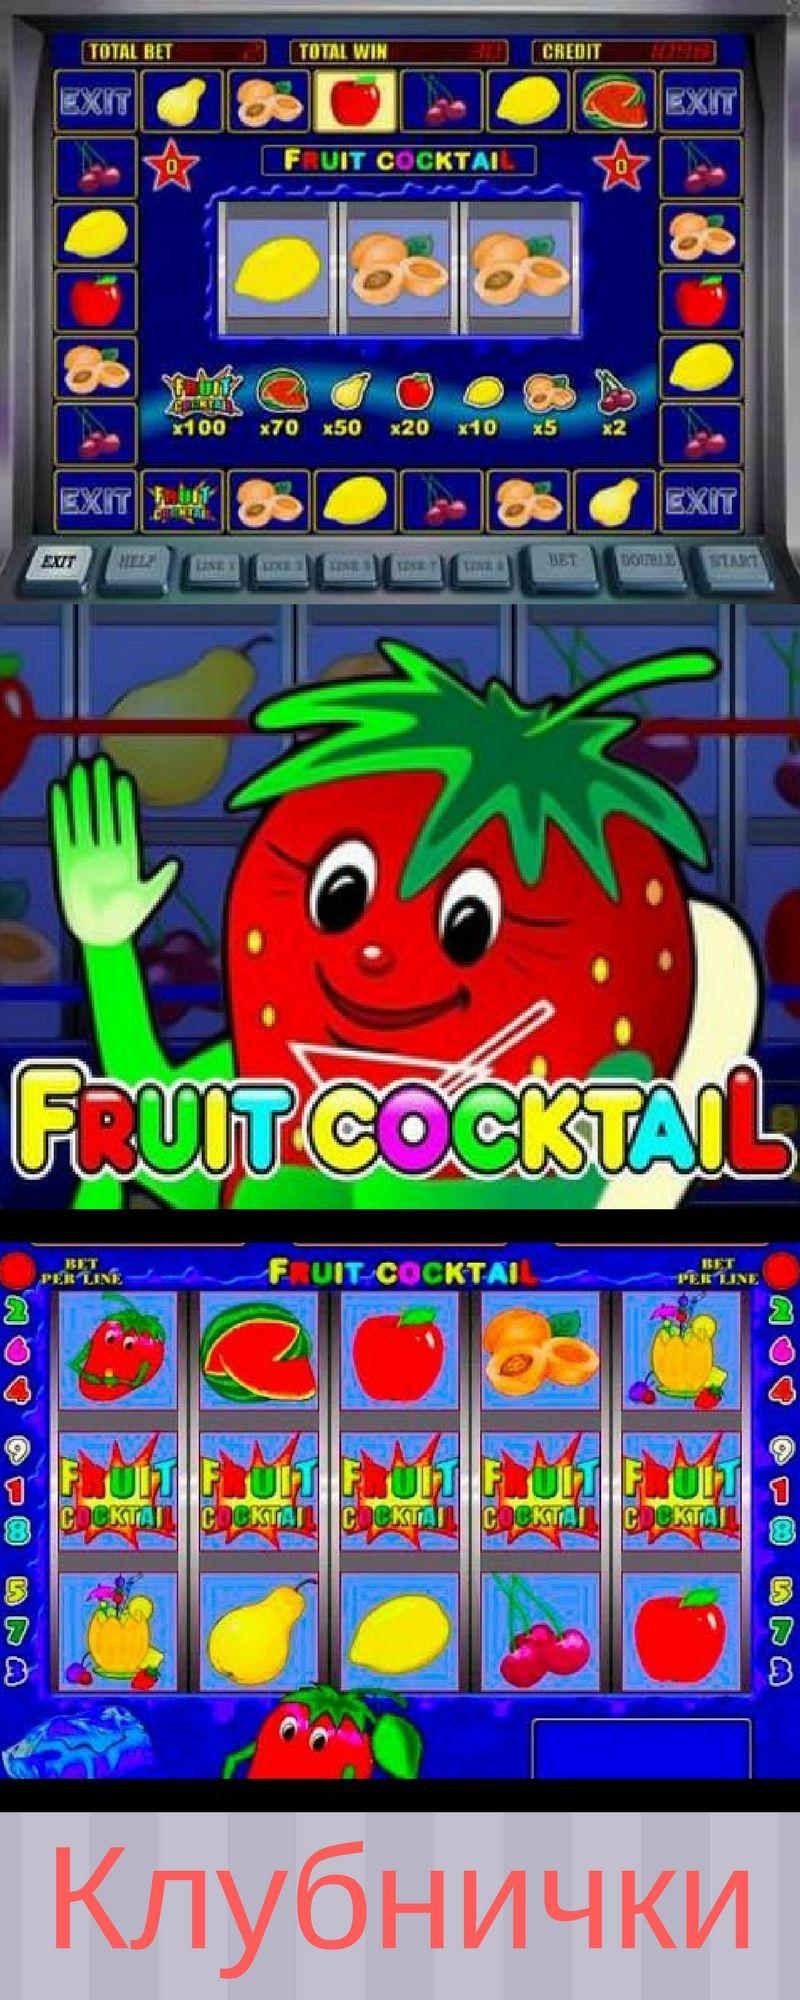 Игровые автоматы резидент играть бесплатно онлайн все игры играть